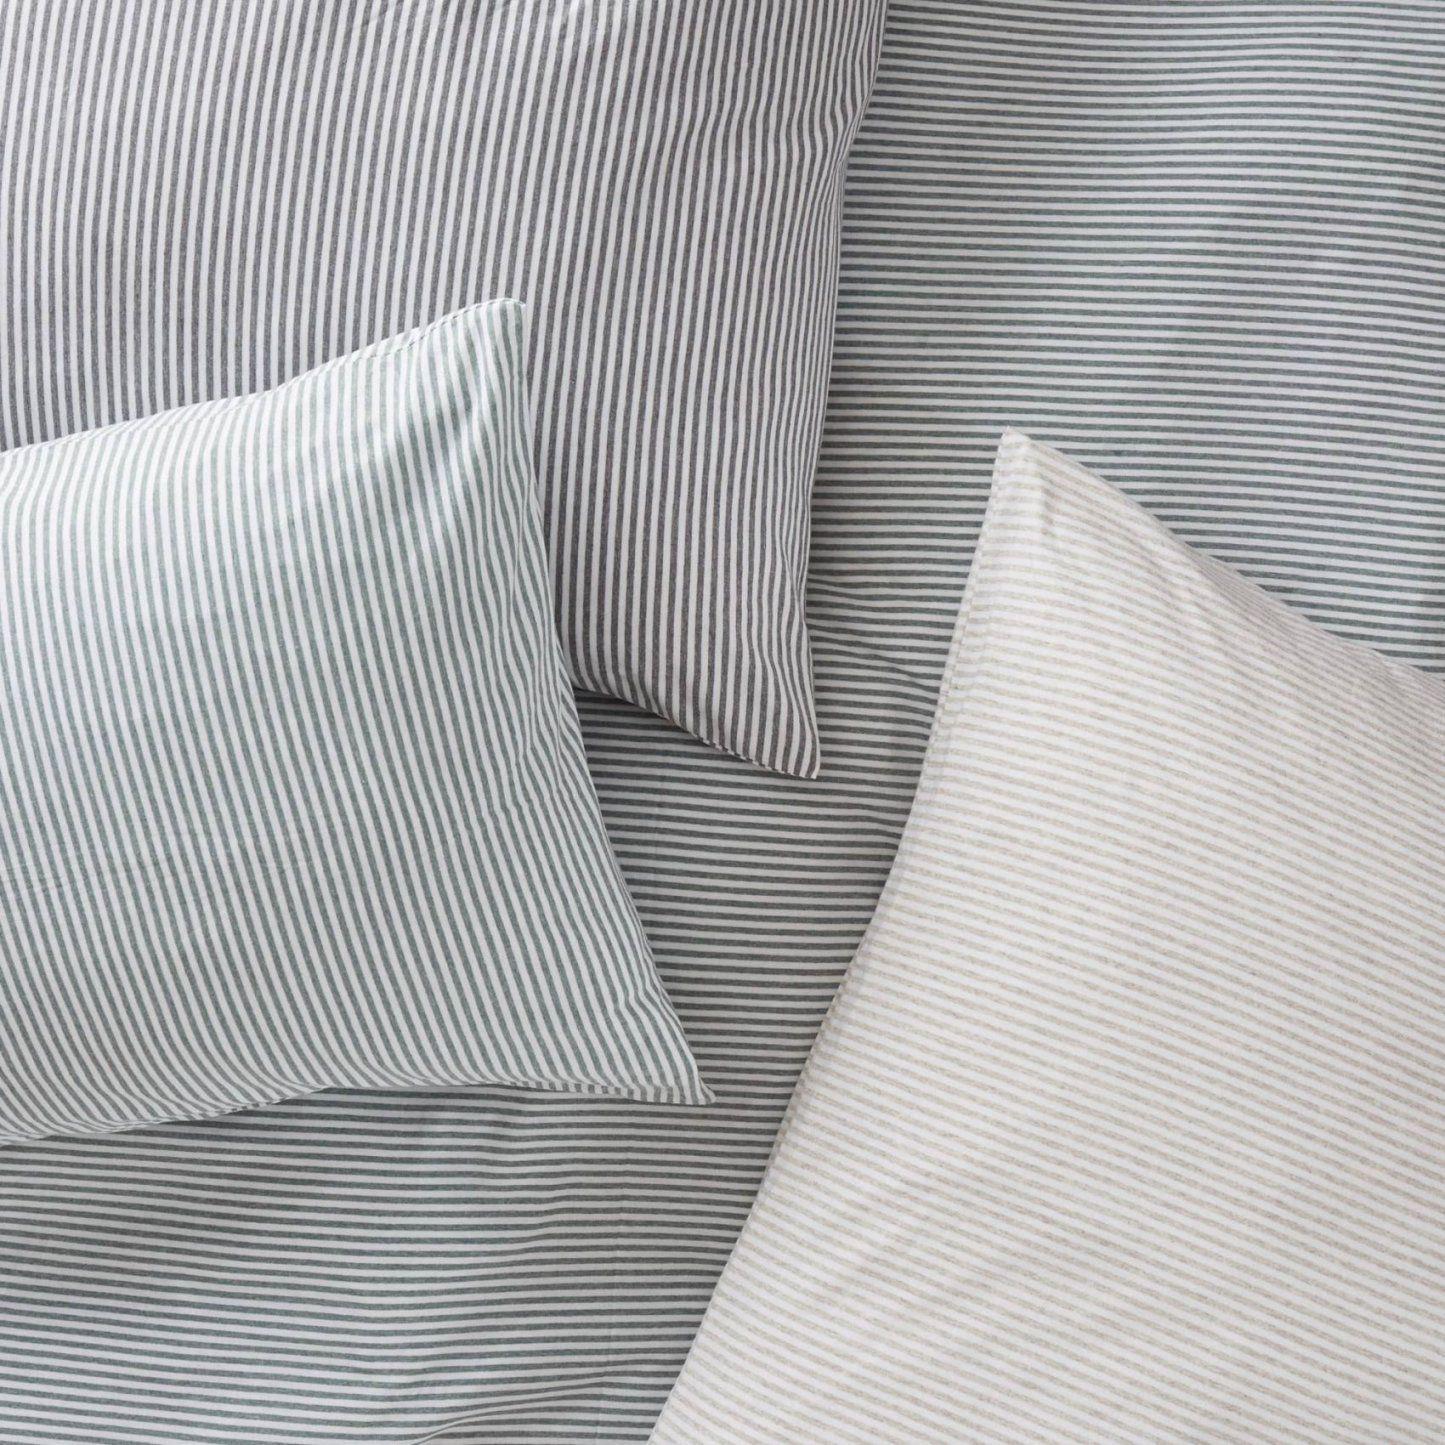 Schön Bettwäsche 155X220 Jersey Reißverschluss Bettwäsche Ideen Von von Bettwäsche 155X220 Jersey Reißverschluss Bild